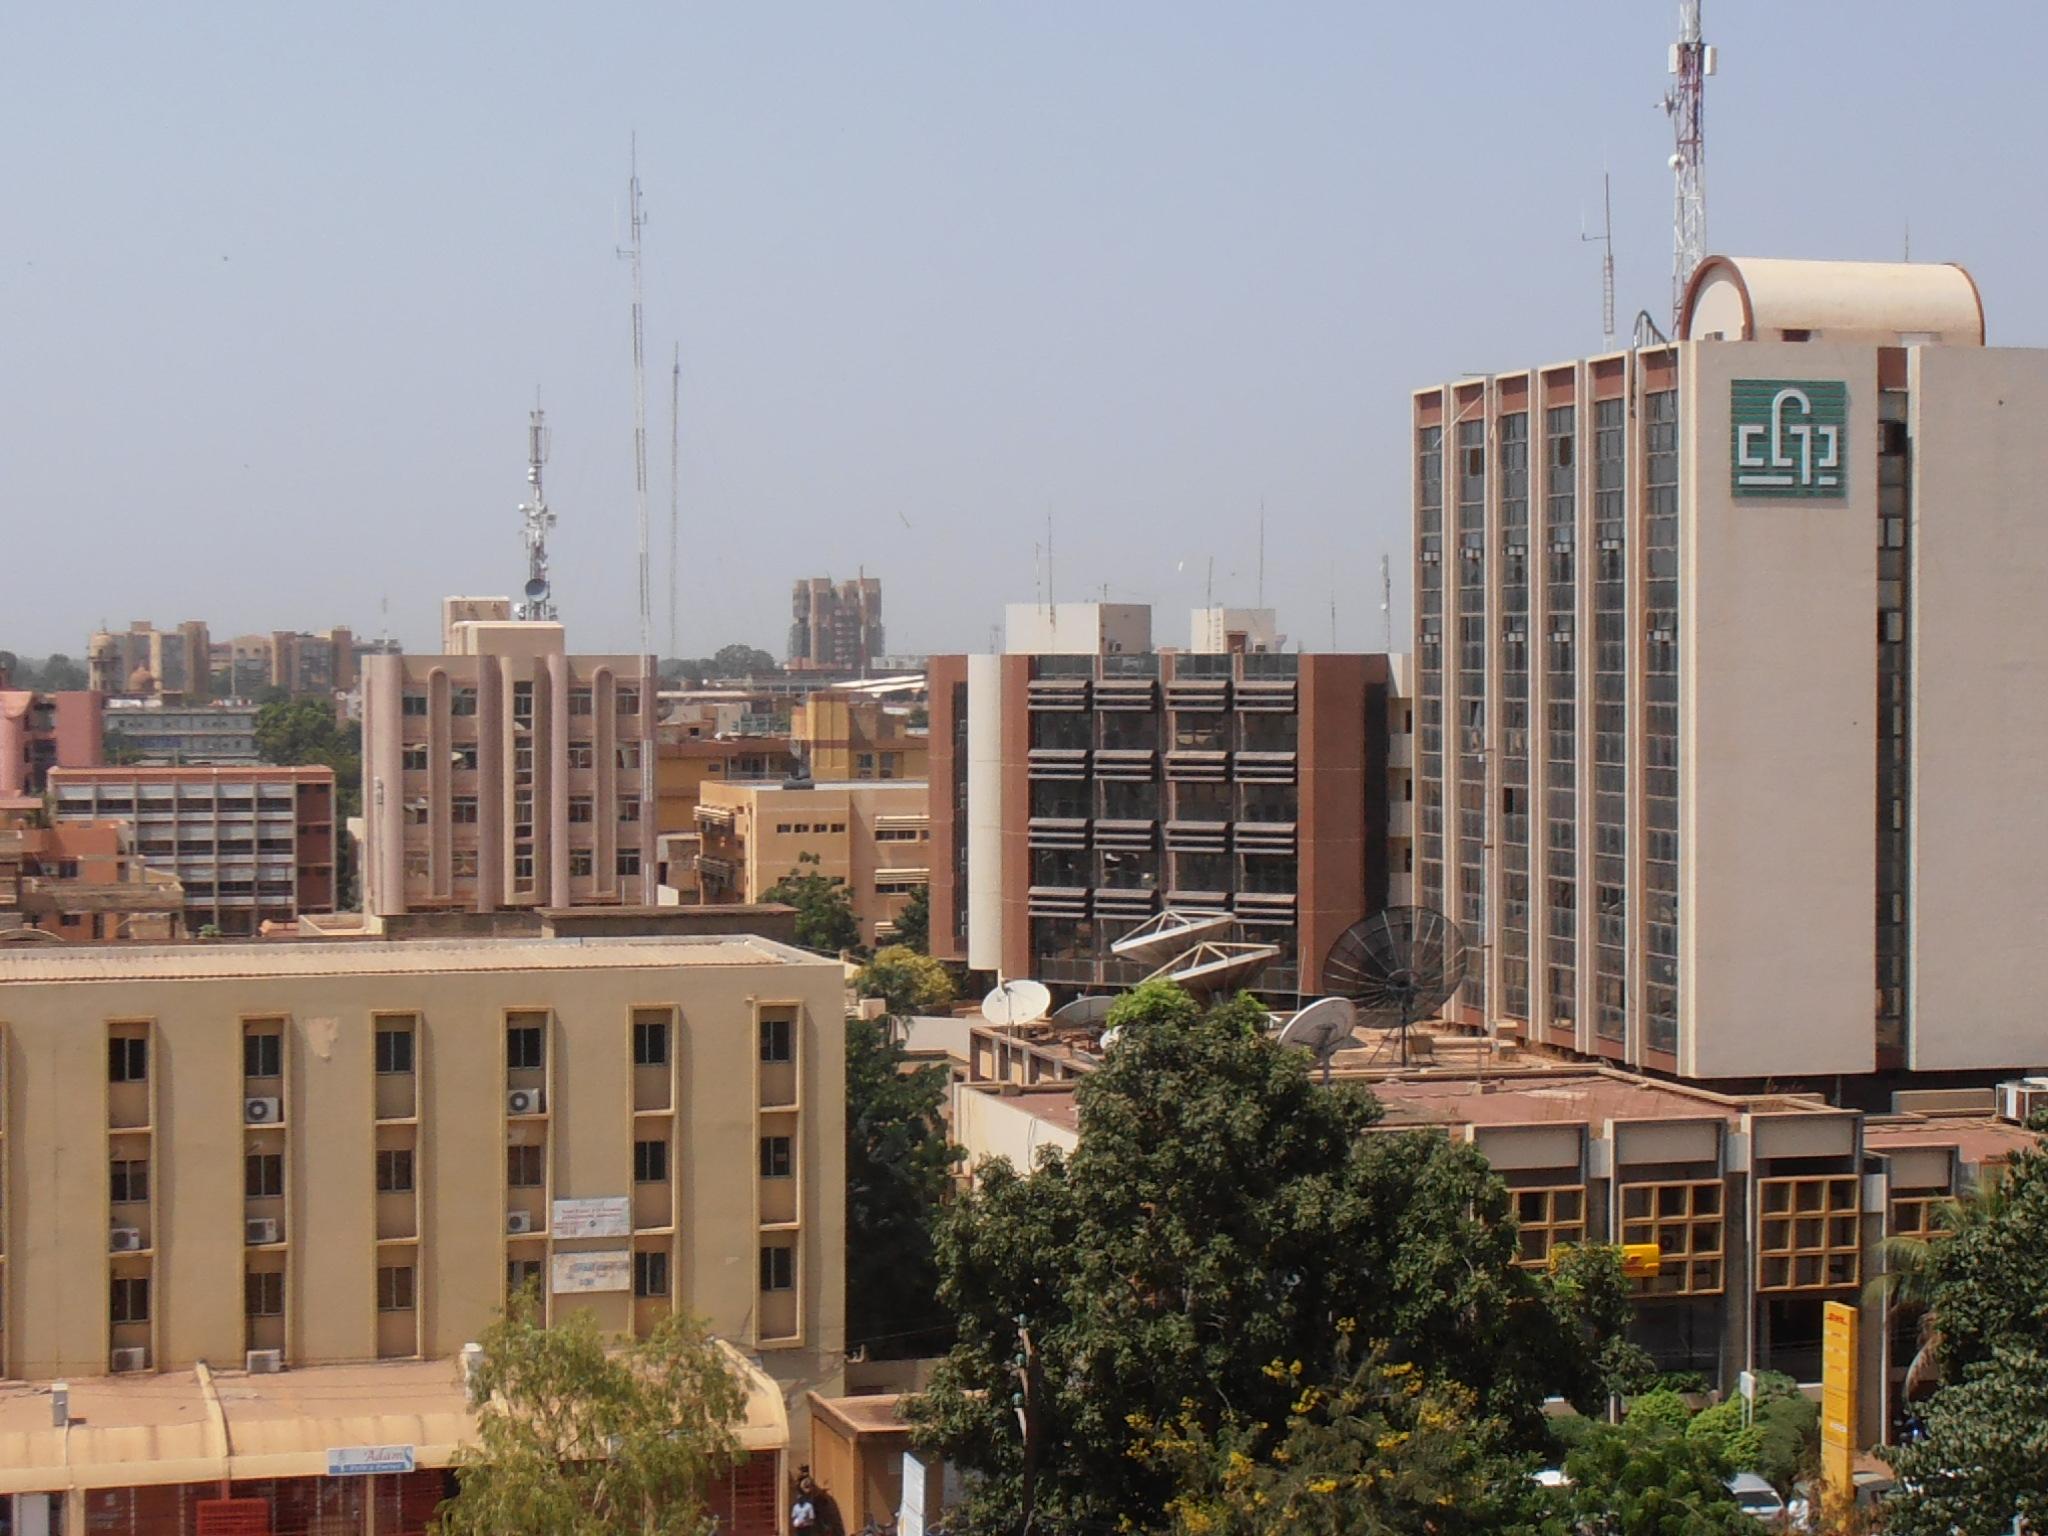 Lady aus Ouagadouga